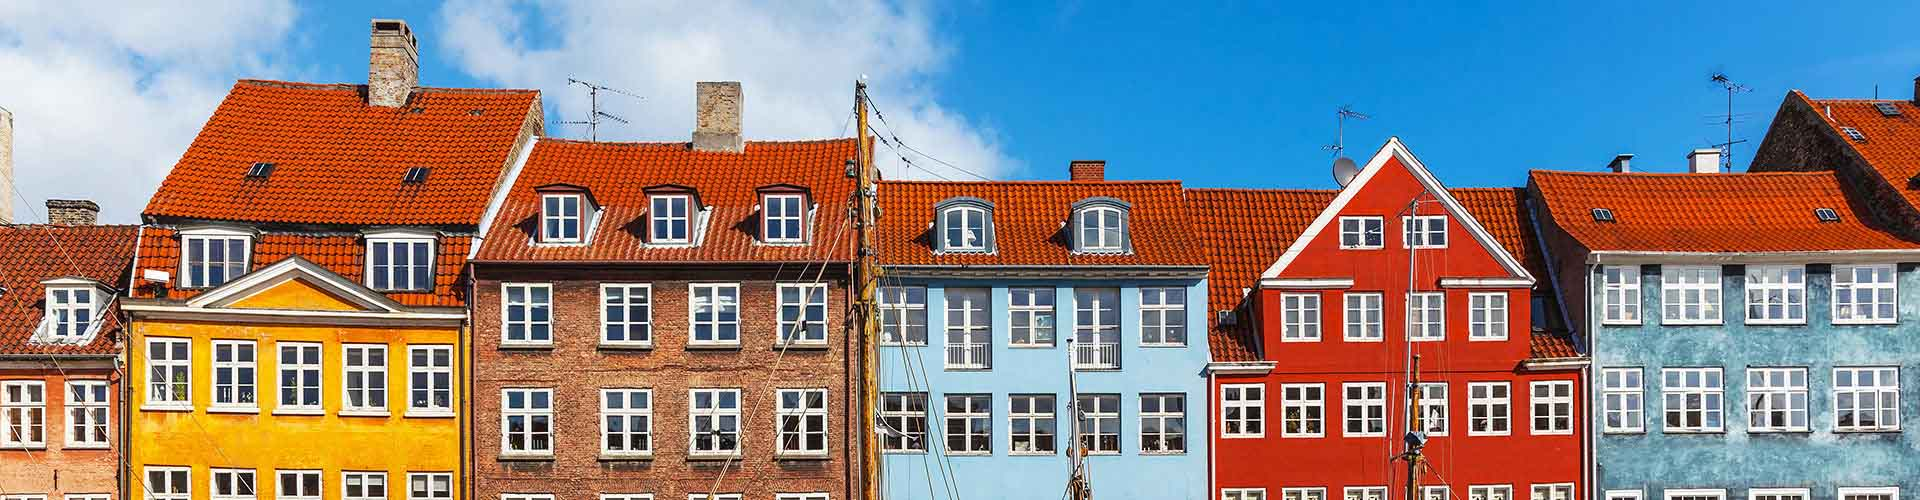 Kööpenhamina – Hostellit kaupungiosassa Gammel Kongevej. Kööpenhamina -karttoja, valokuvia ja arvosteluja kaikista Kööpenhamina -hostelleista.